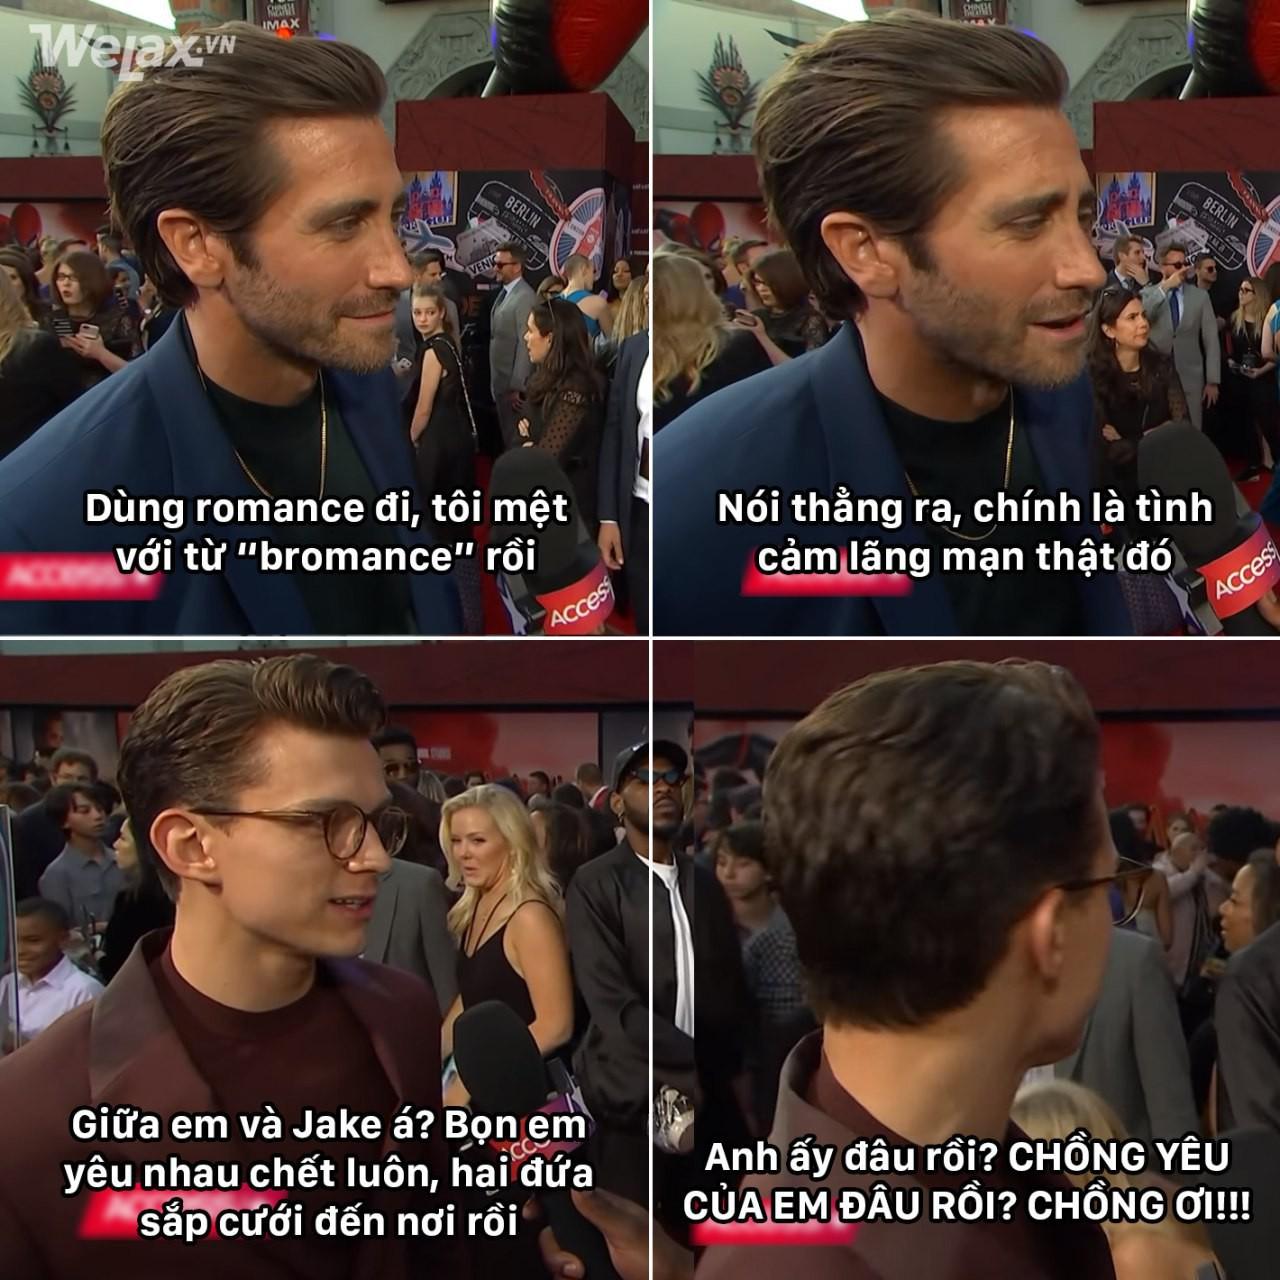 Triệu fangirl hoàn toàn hết cơ hội: Trai đẹp nhện nhỏ Tom Holland đòi nhận Jake Gyllenhaal làm chồng rồi! - Ảnh 1.